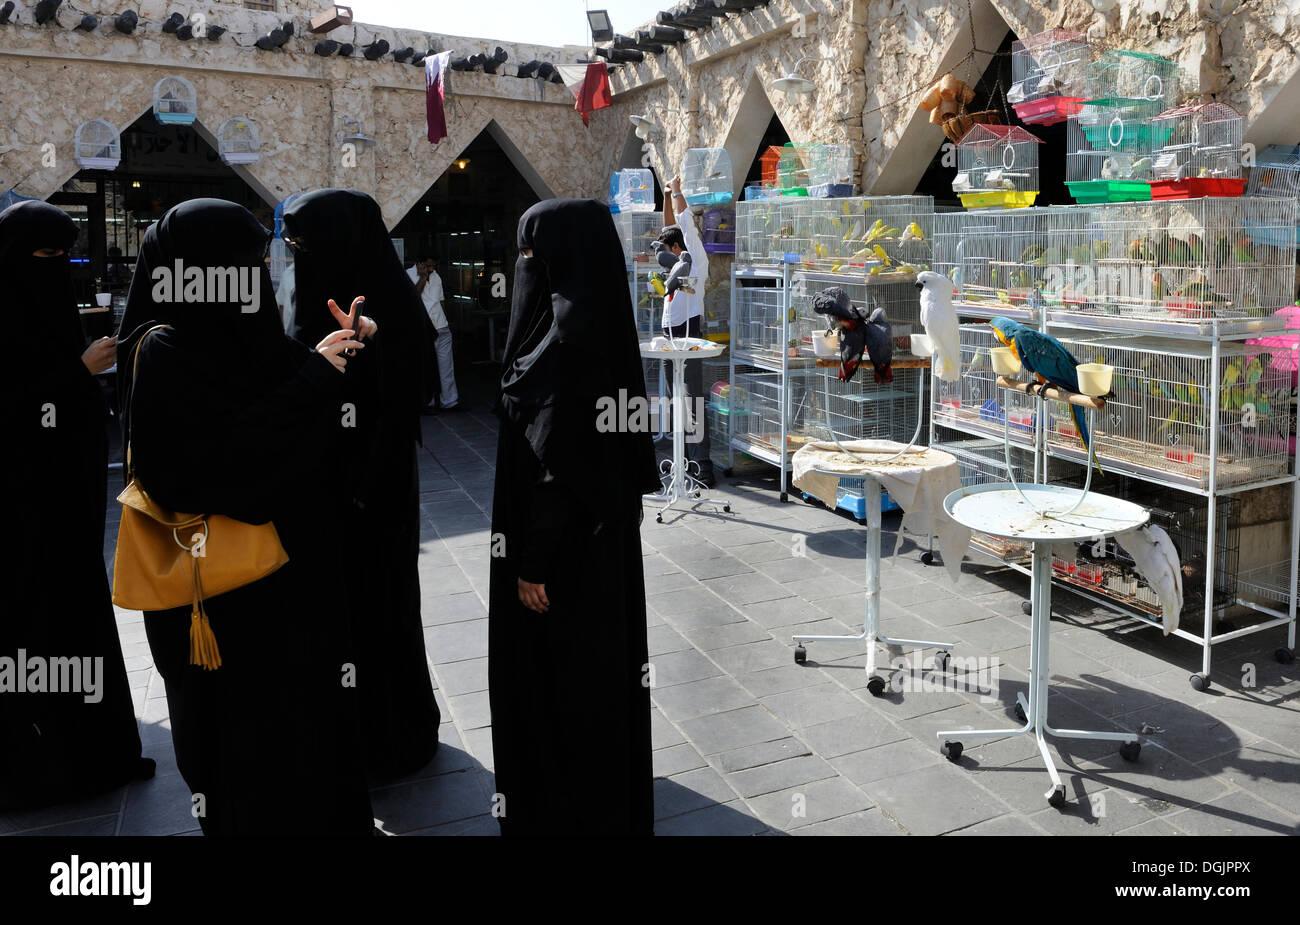 Womenwearing traditionelle Burka Fotografieren von einander auf dem Tier Markt in al Souq Waqif, der ältesten Souk oder Basar Stockbild